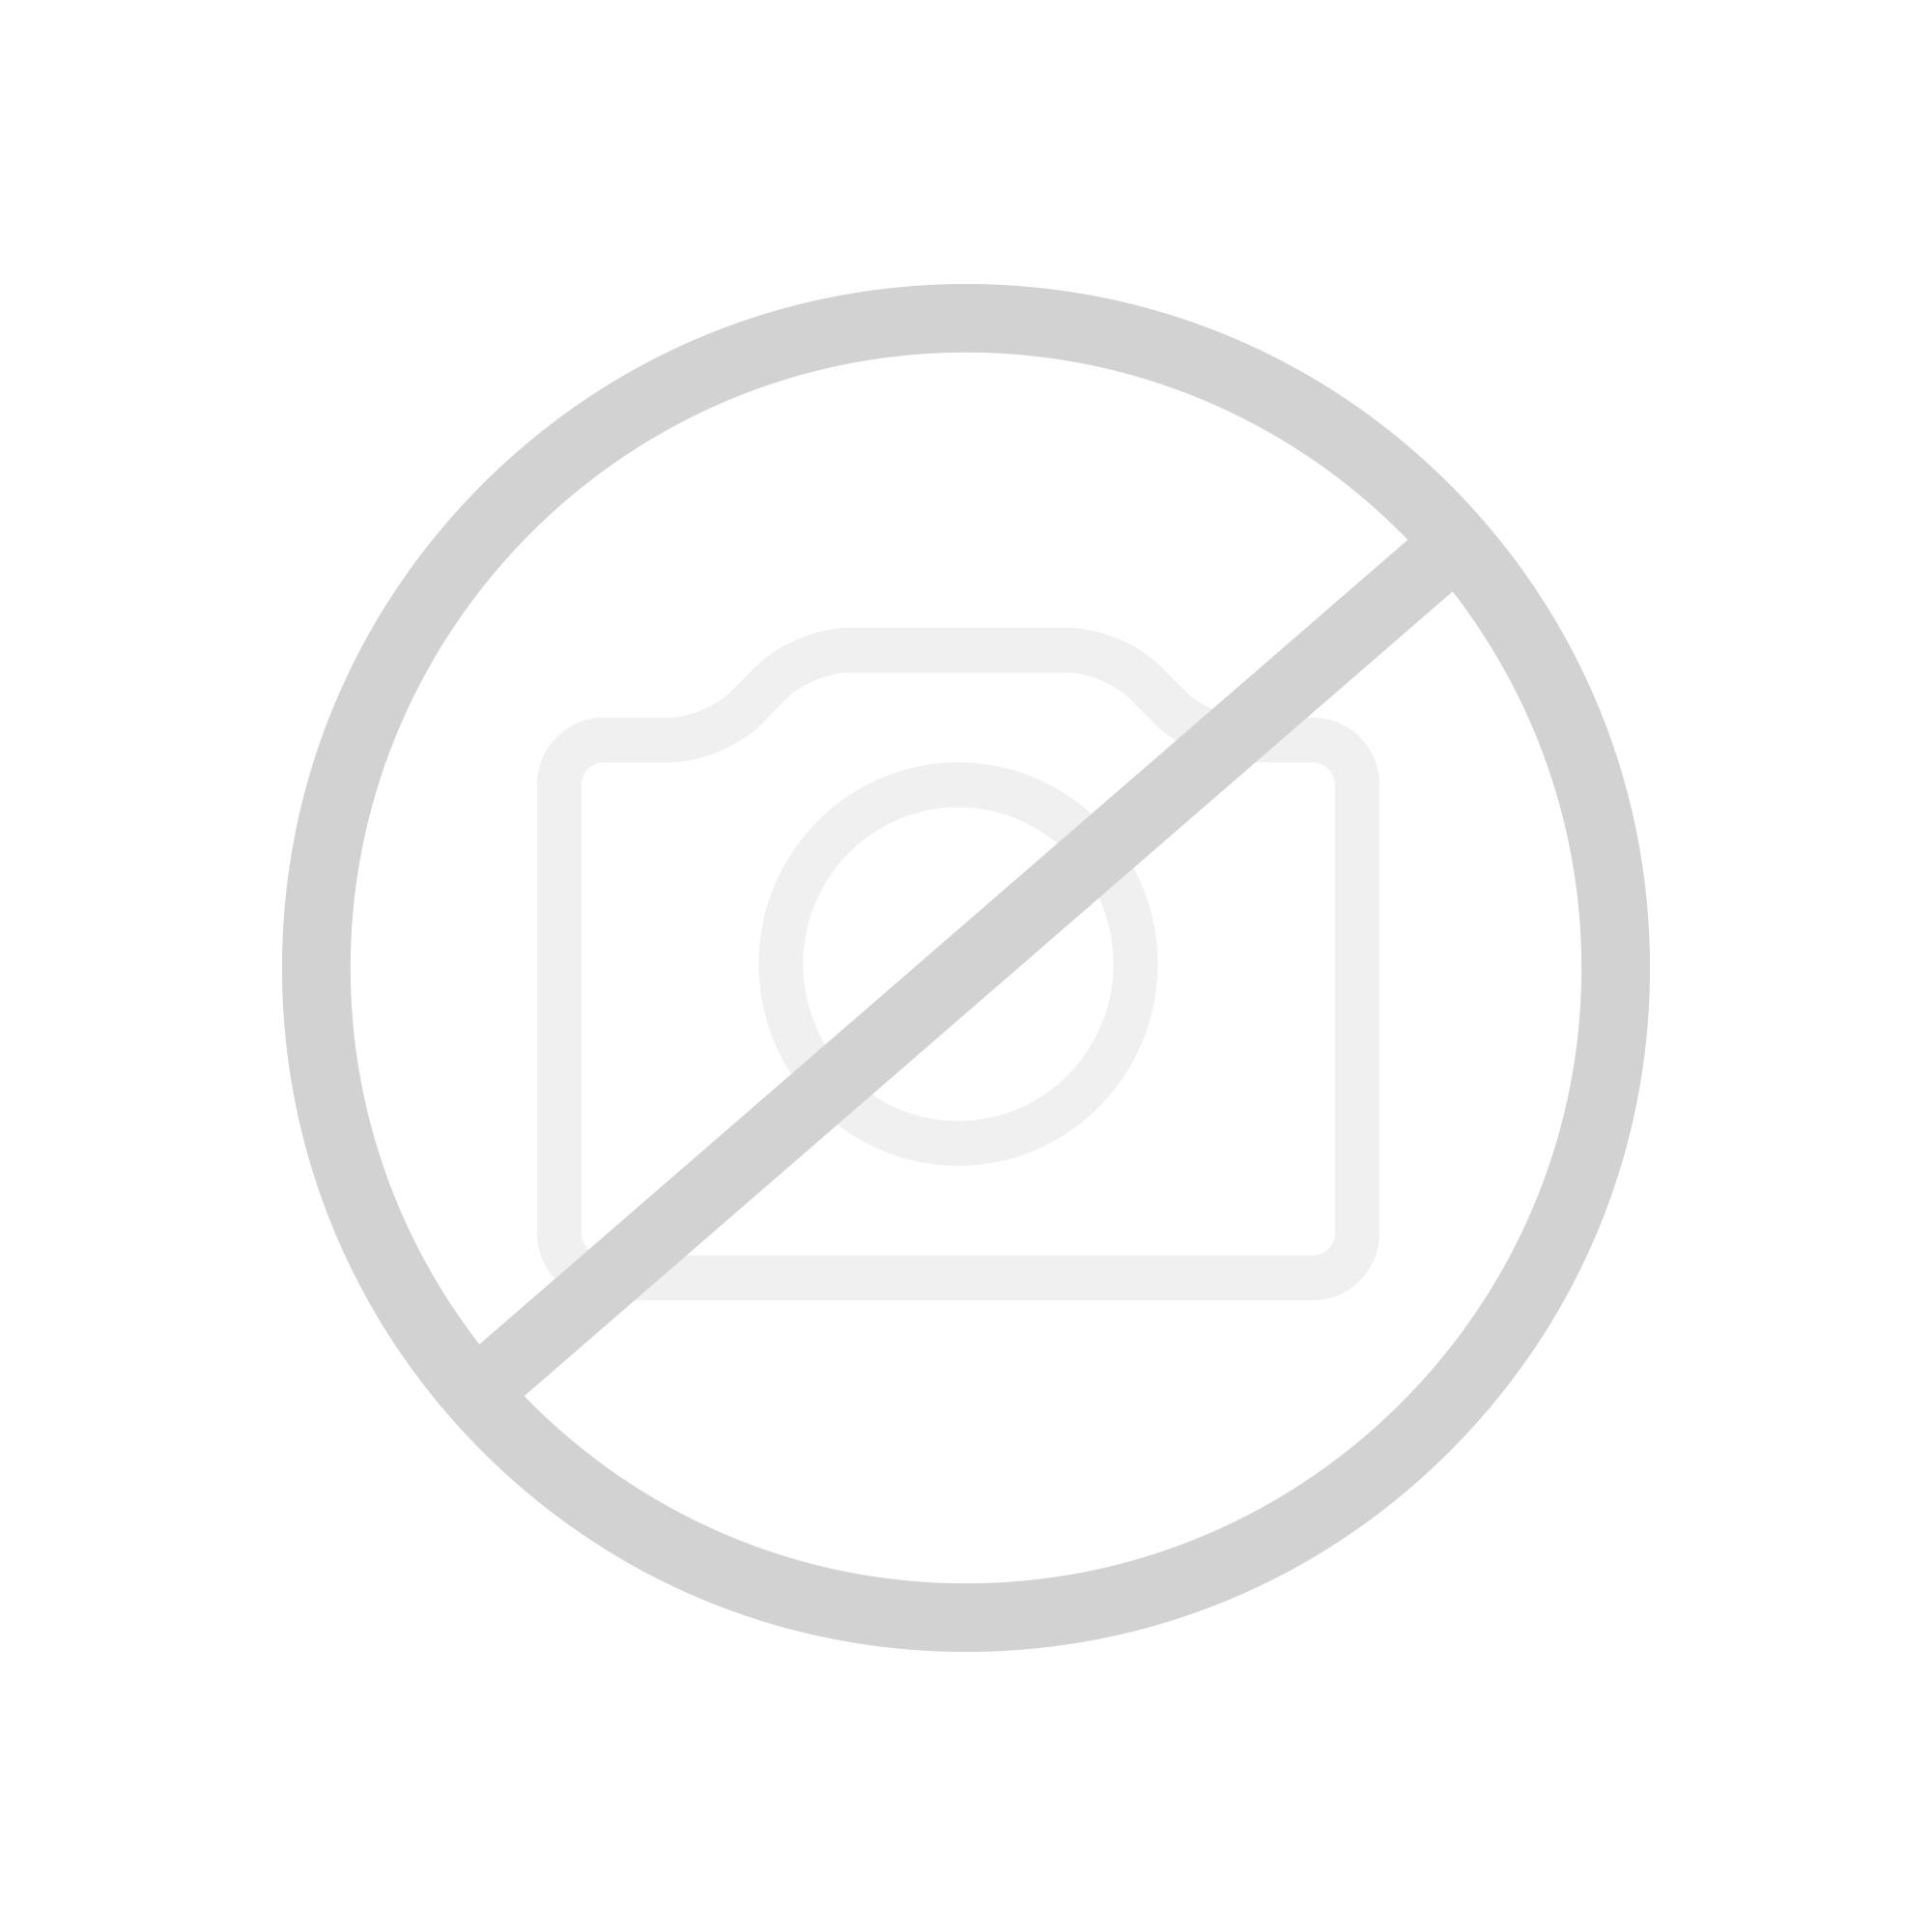 Grohe Concetto Einhand-Wannenbatterie mit Brausegarnitur, DN15, Wandmontage